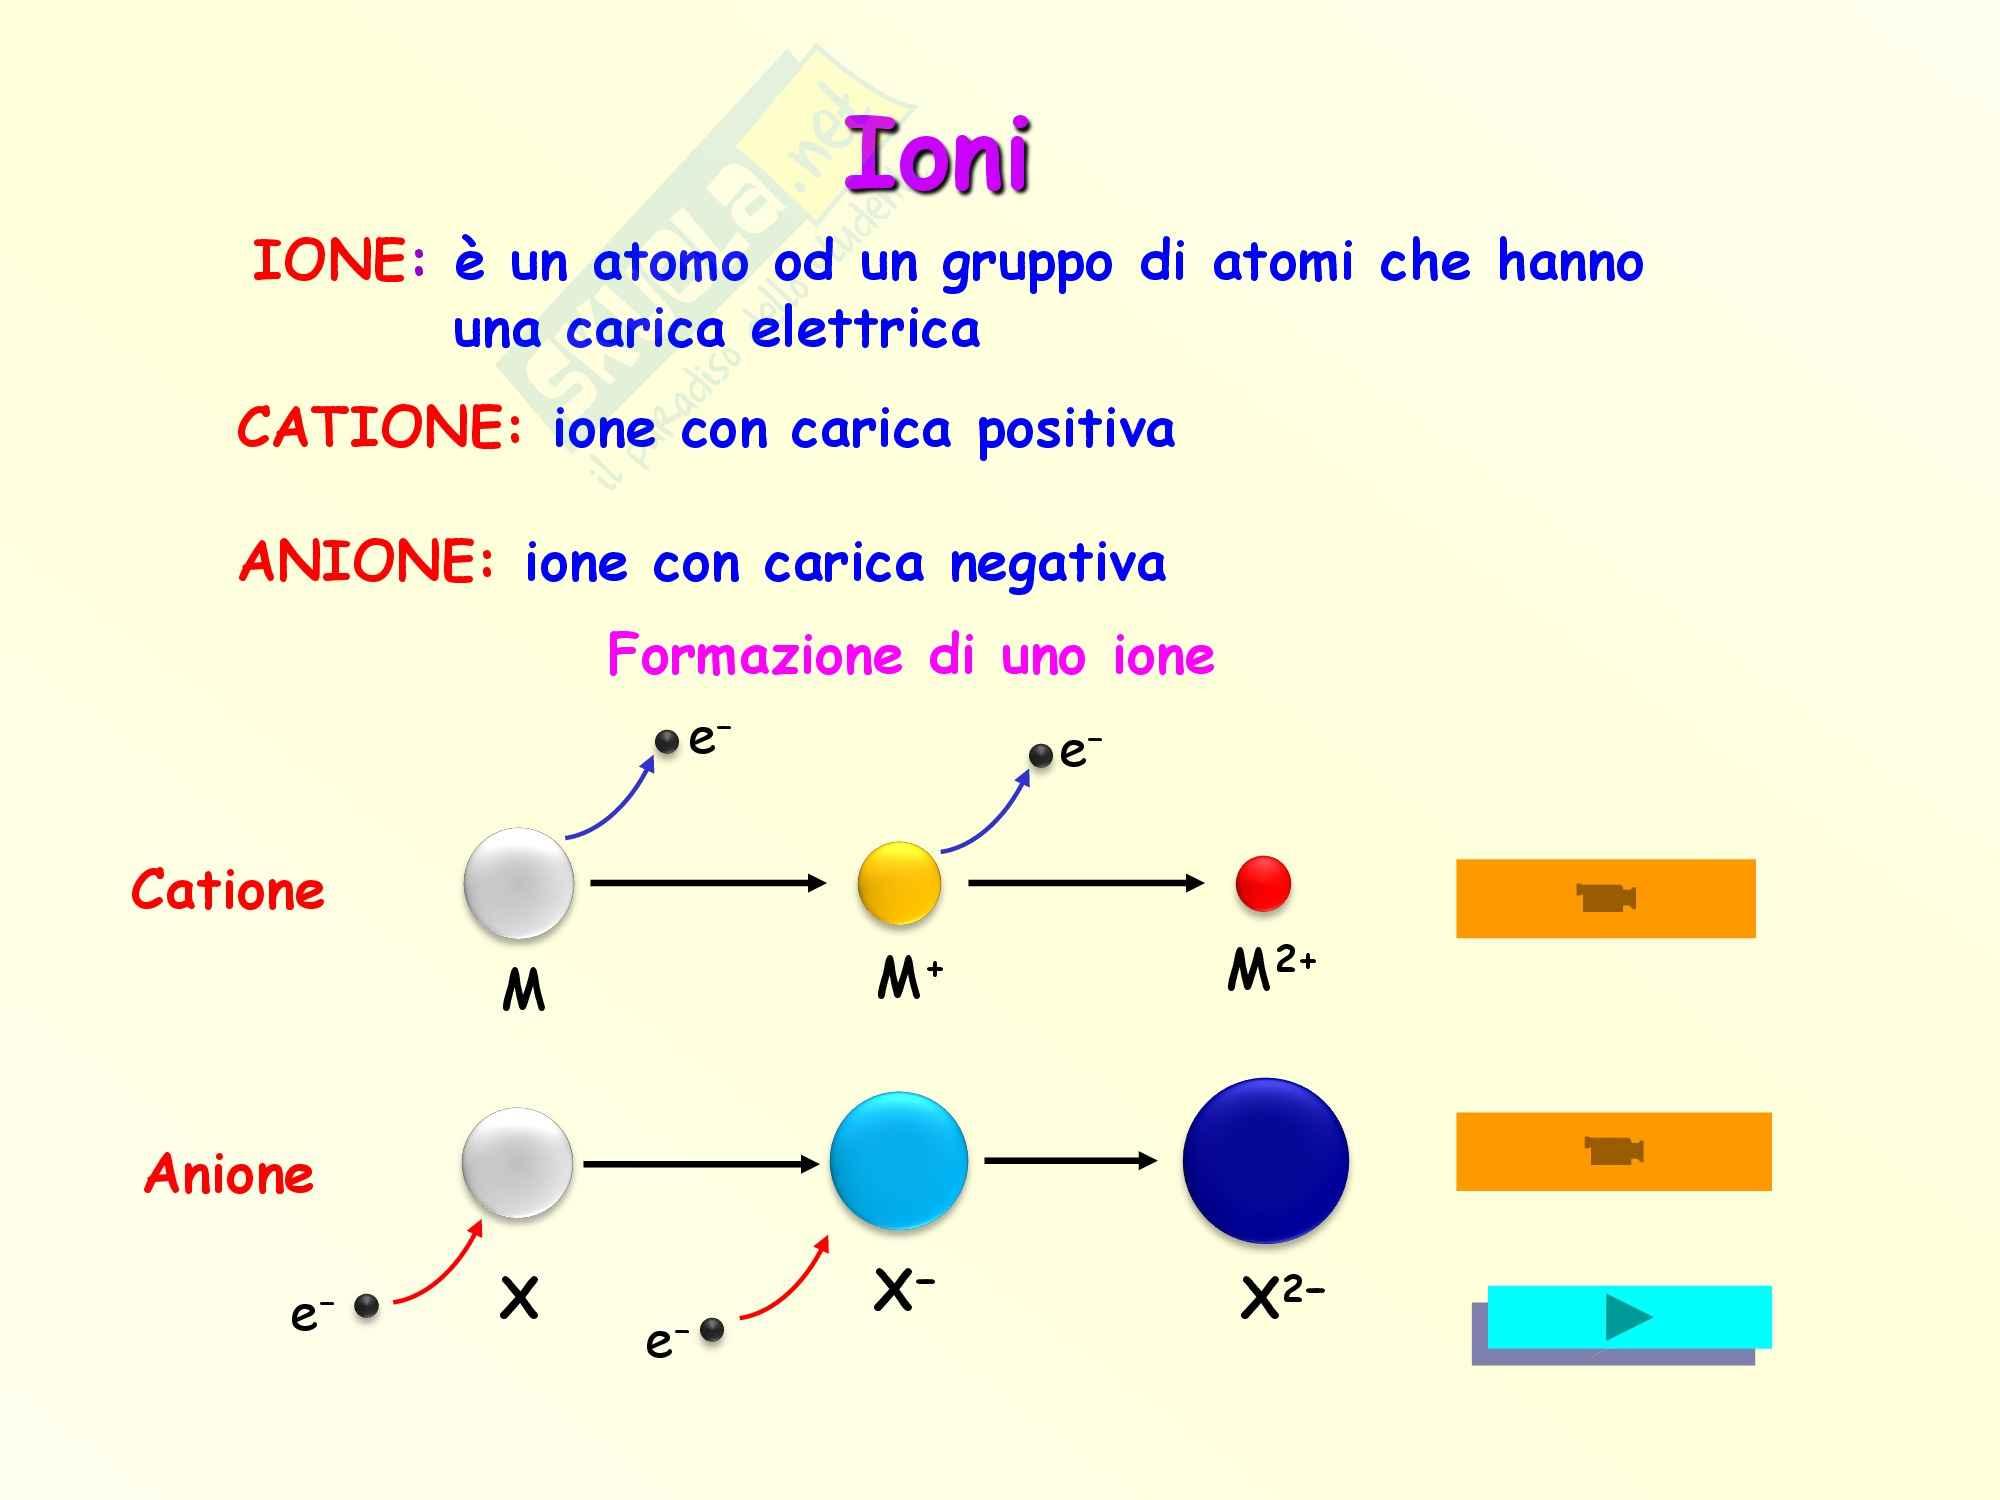 Chimica inorganica - ioni e composti chimici